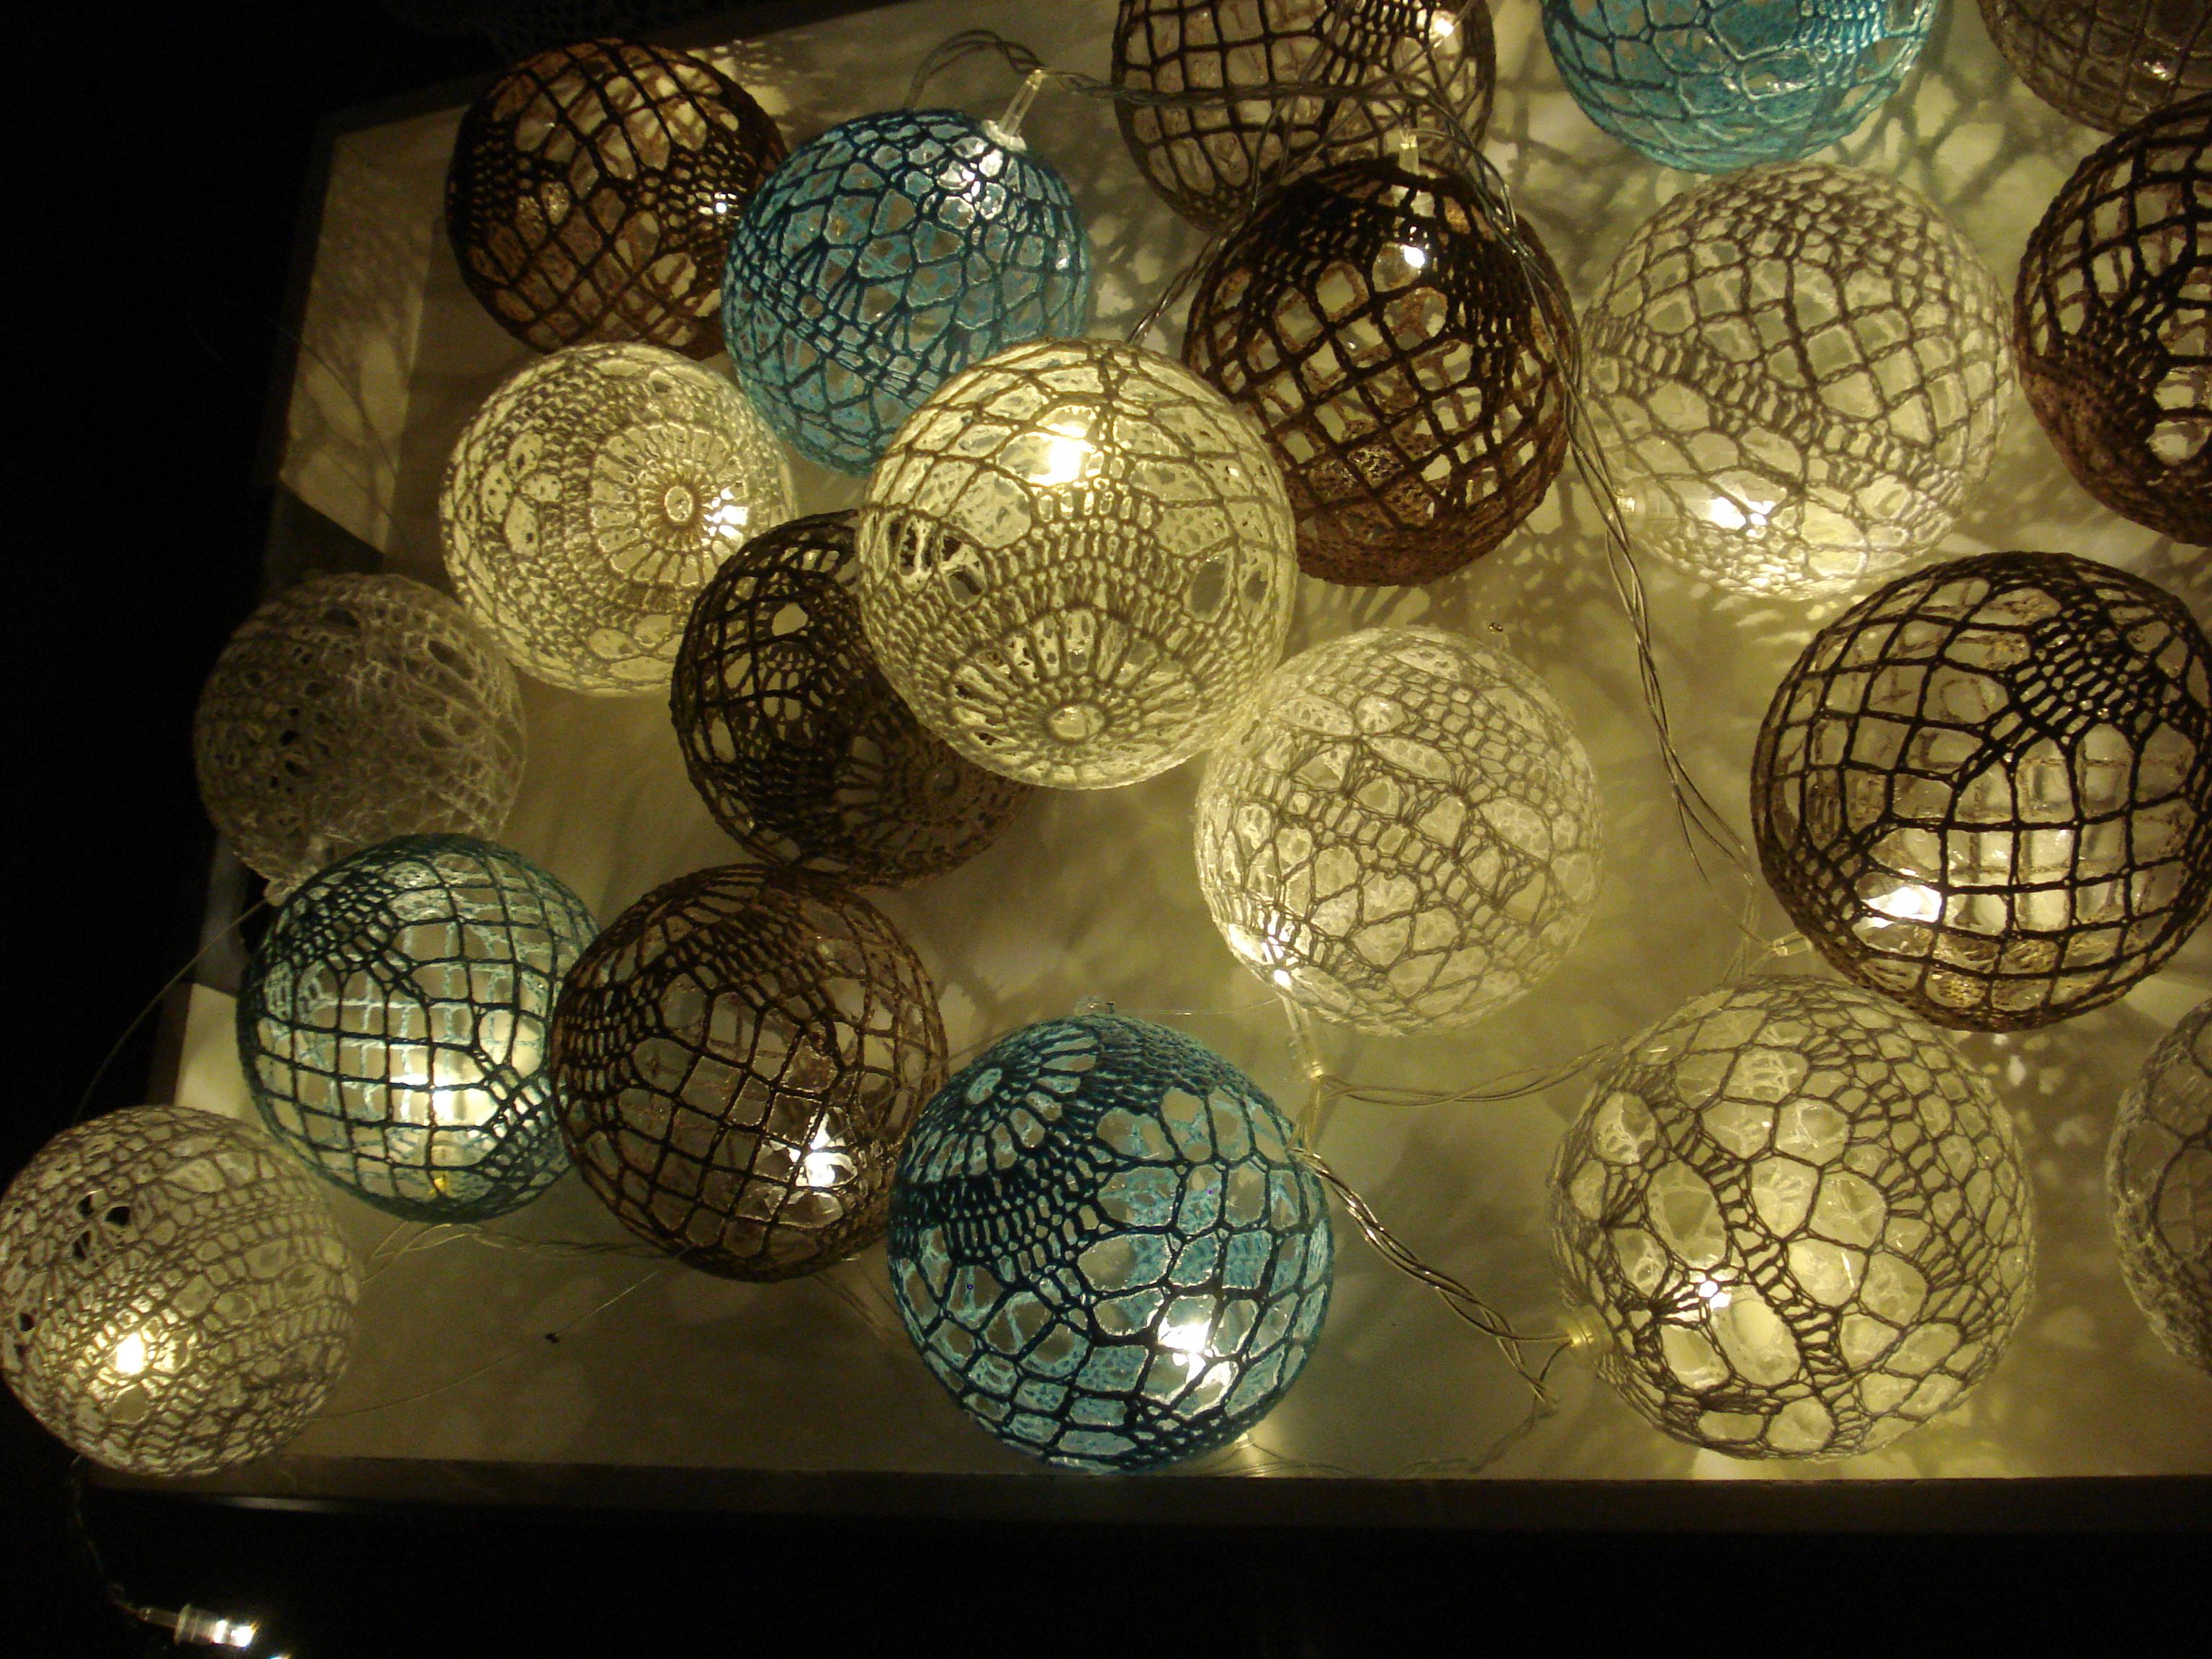 Basia Łapaczyńska-Kaczmarek cotton balls